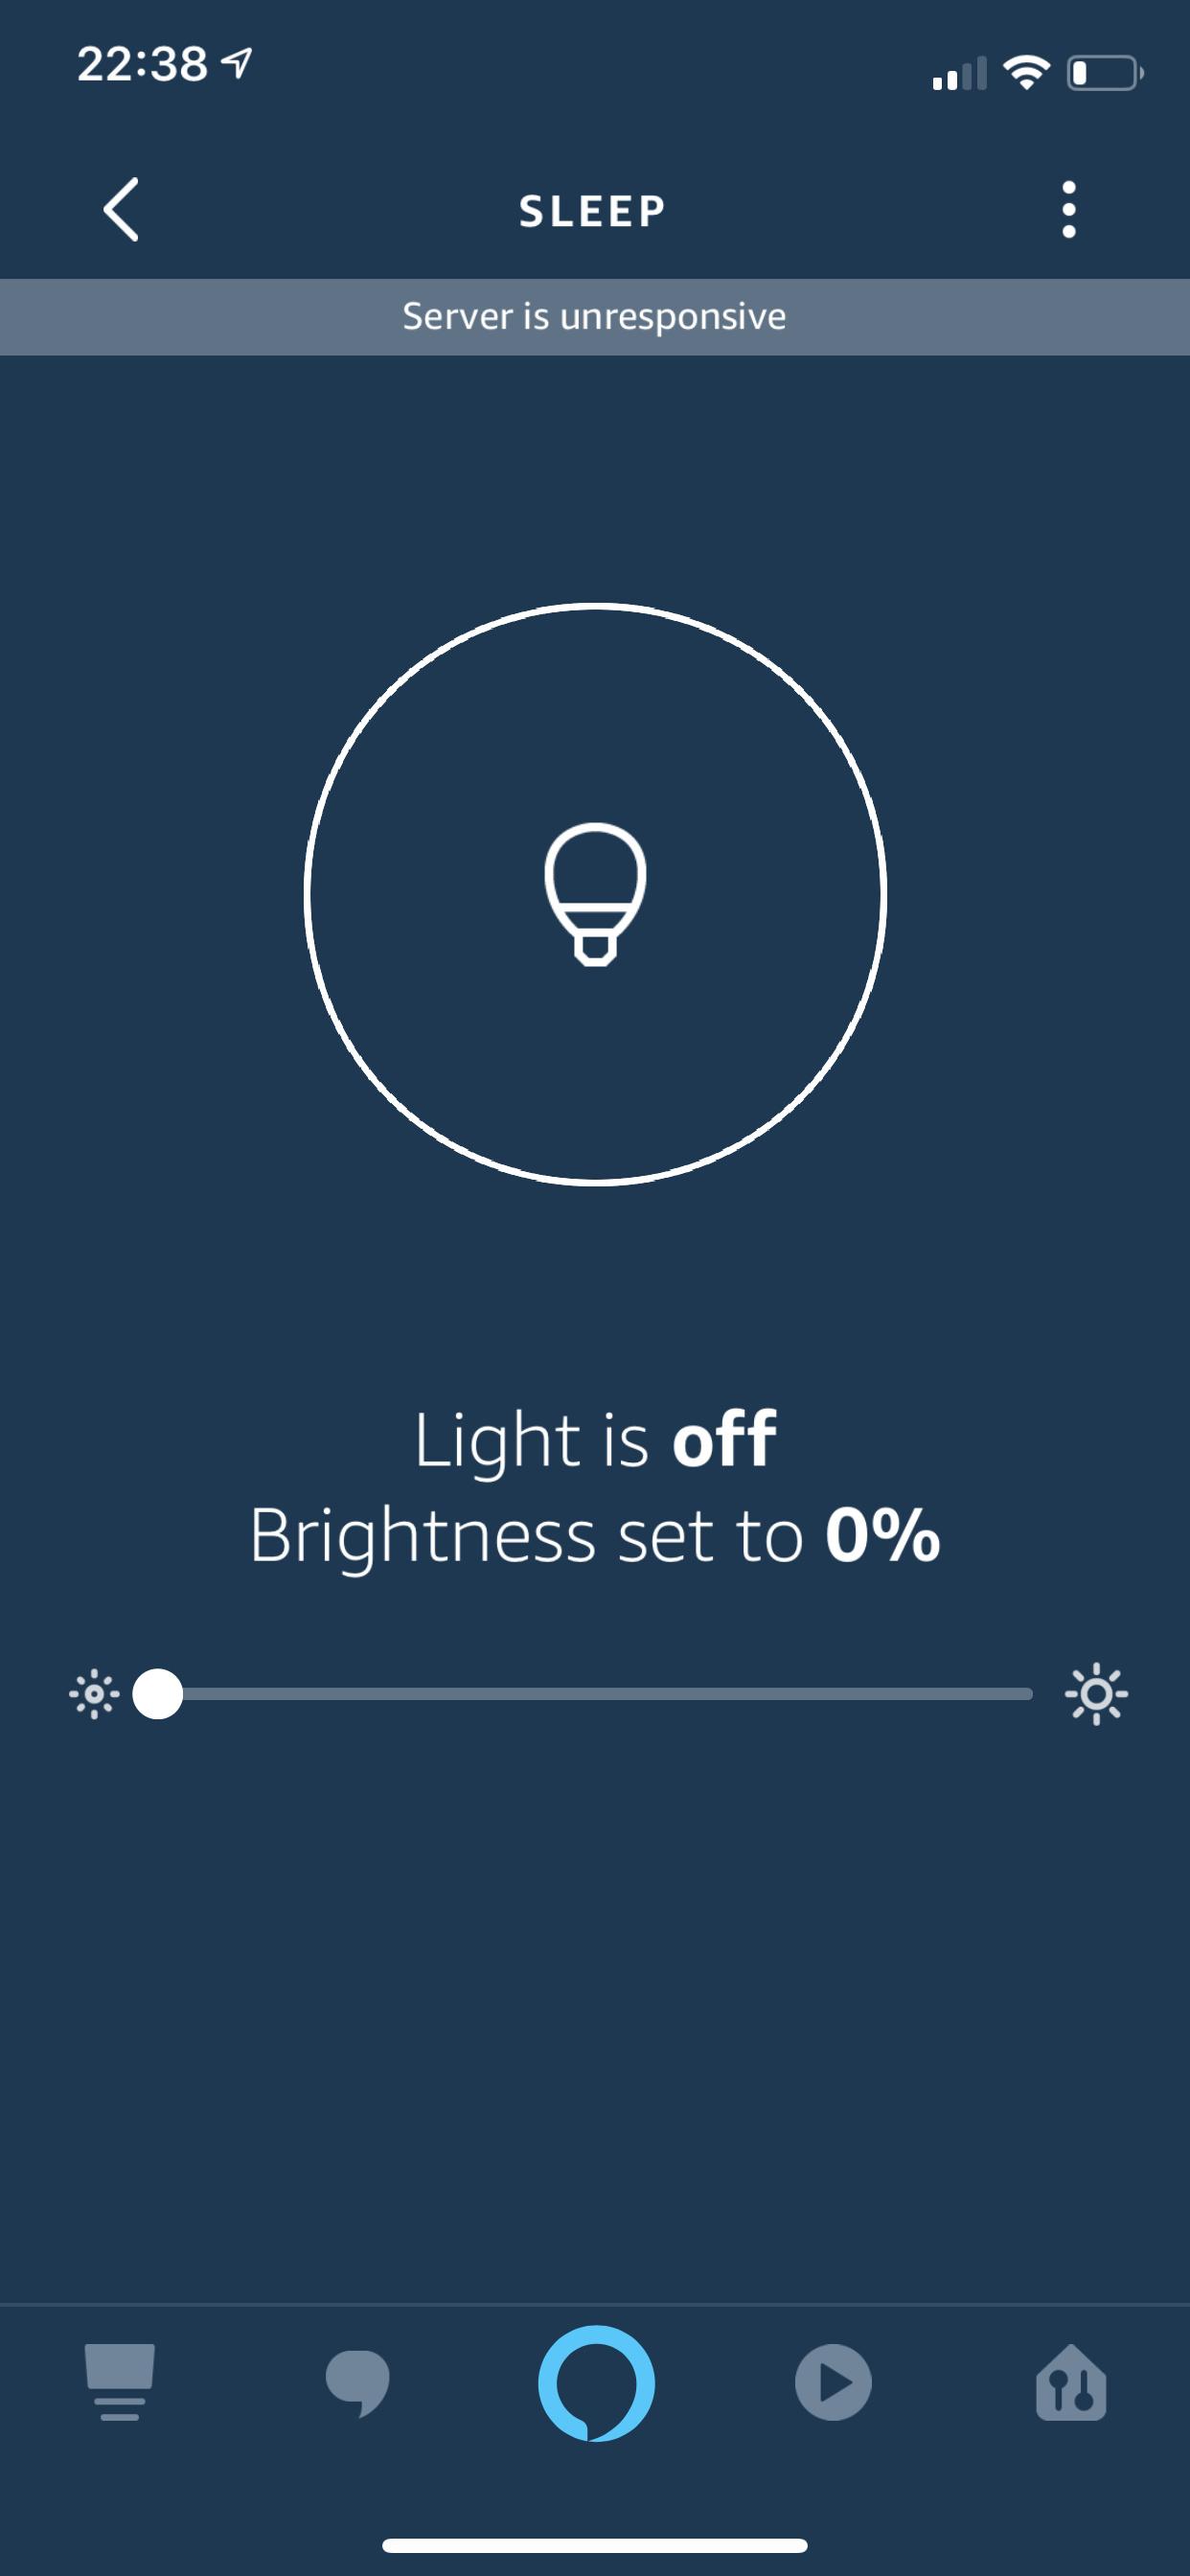 Alexa app : server not responding - Support - Hubitat